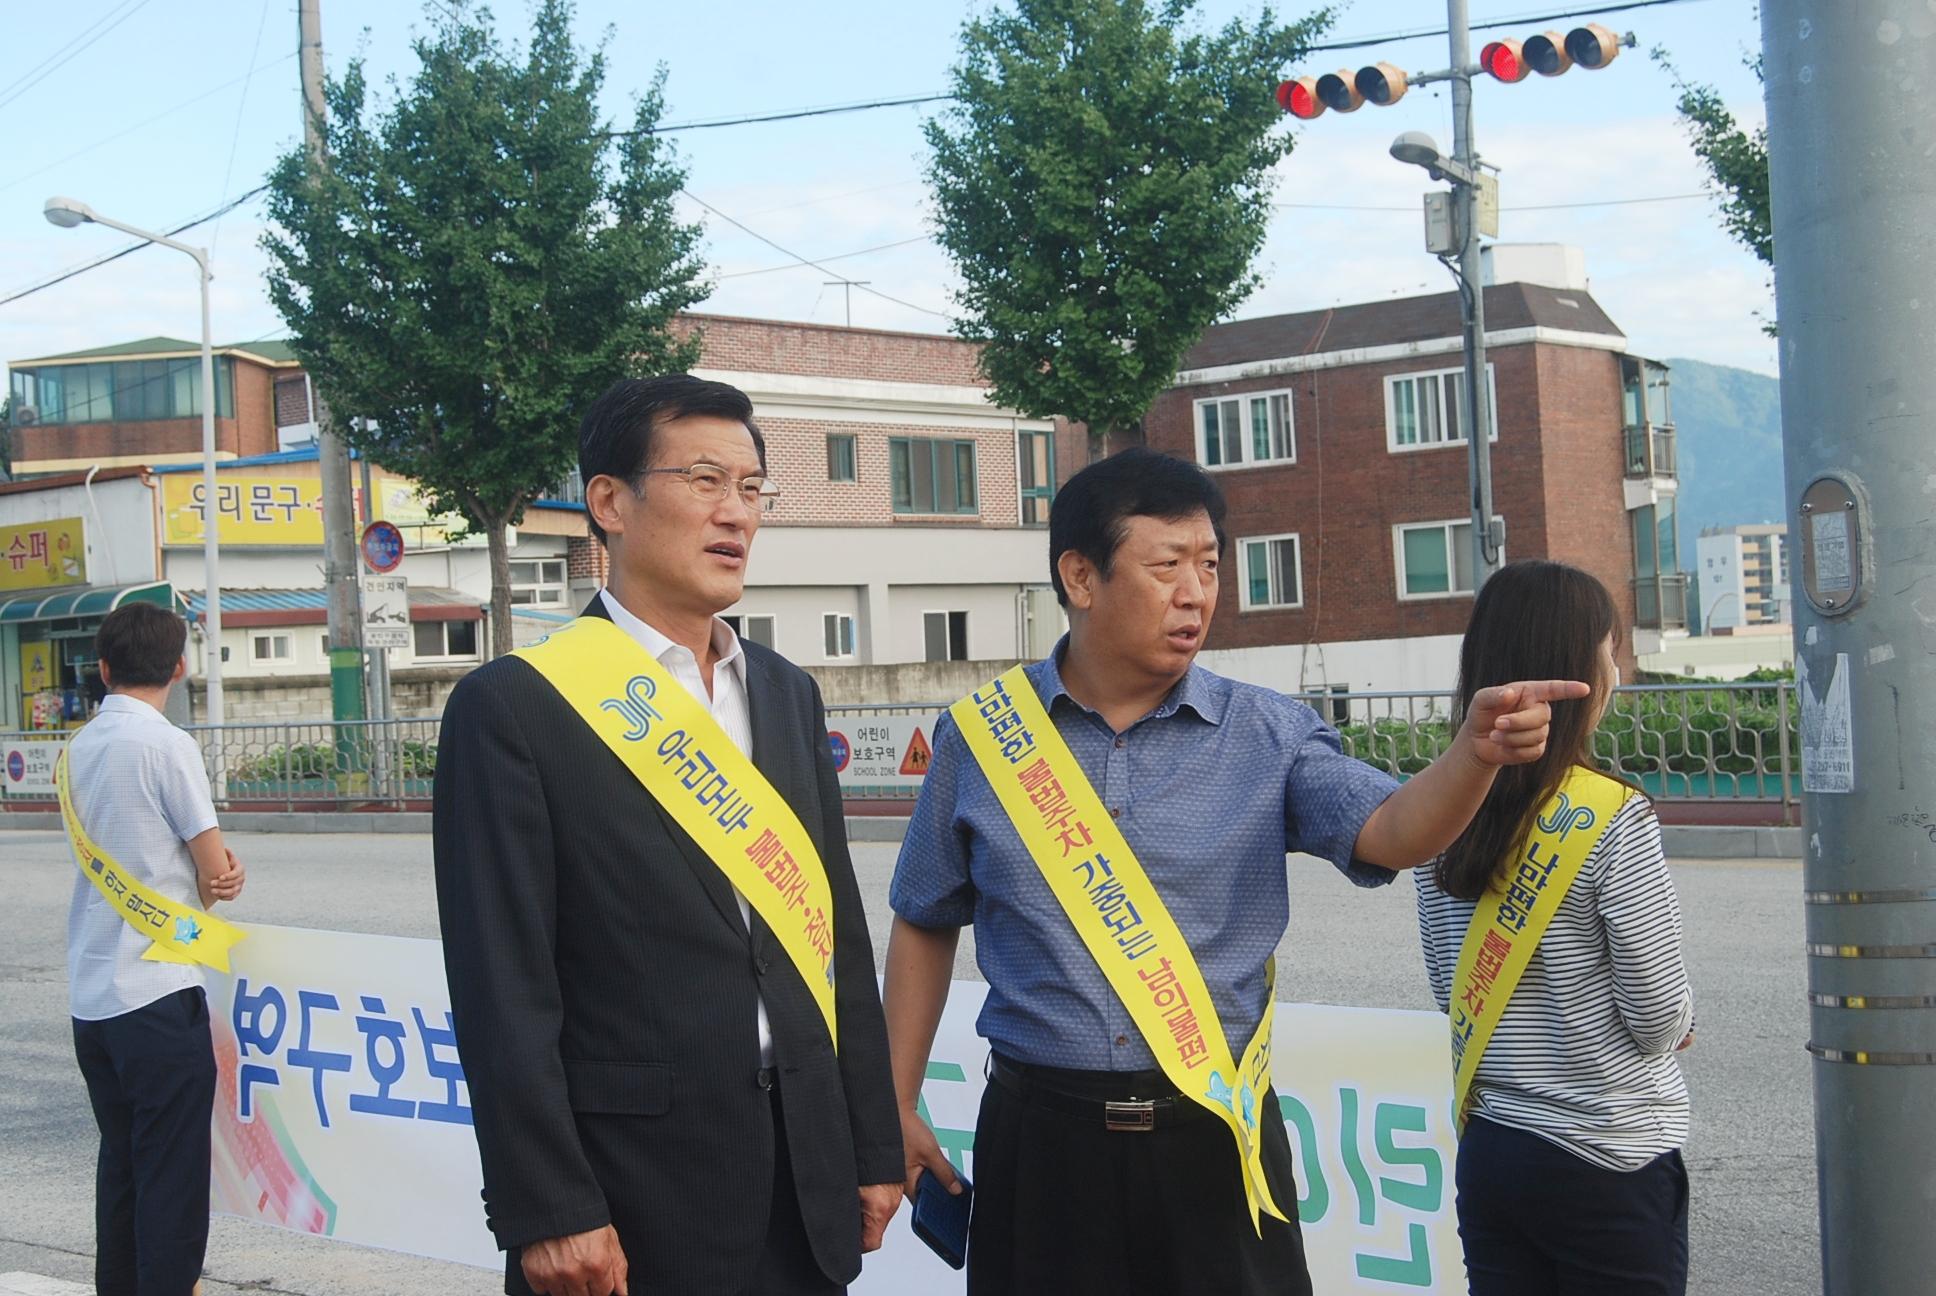 교통안전 홍보 캠페인 [이미지]